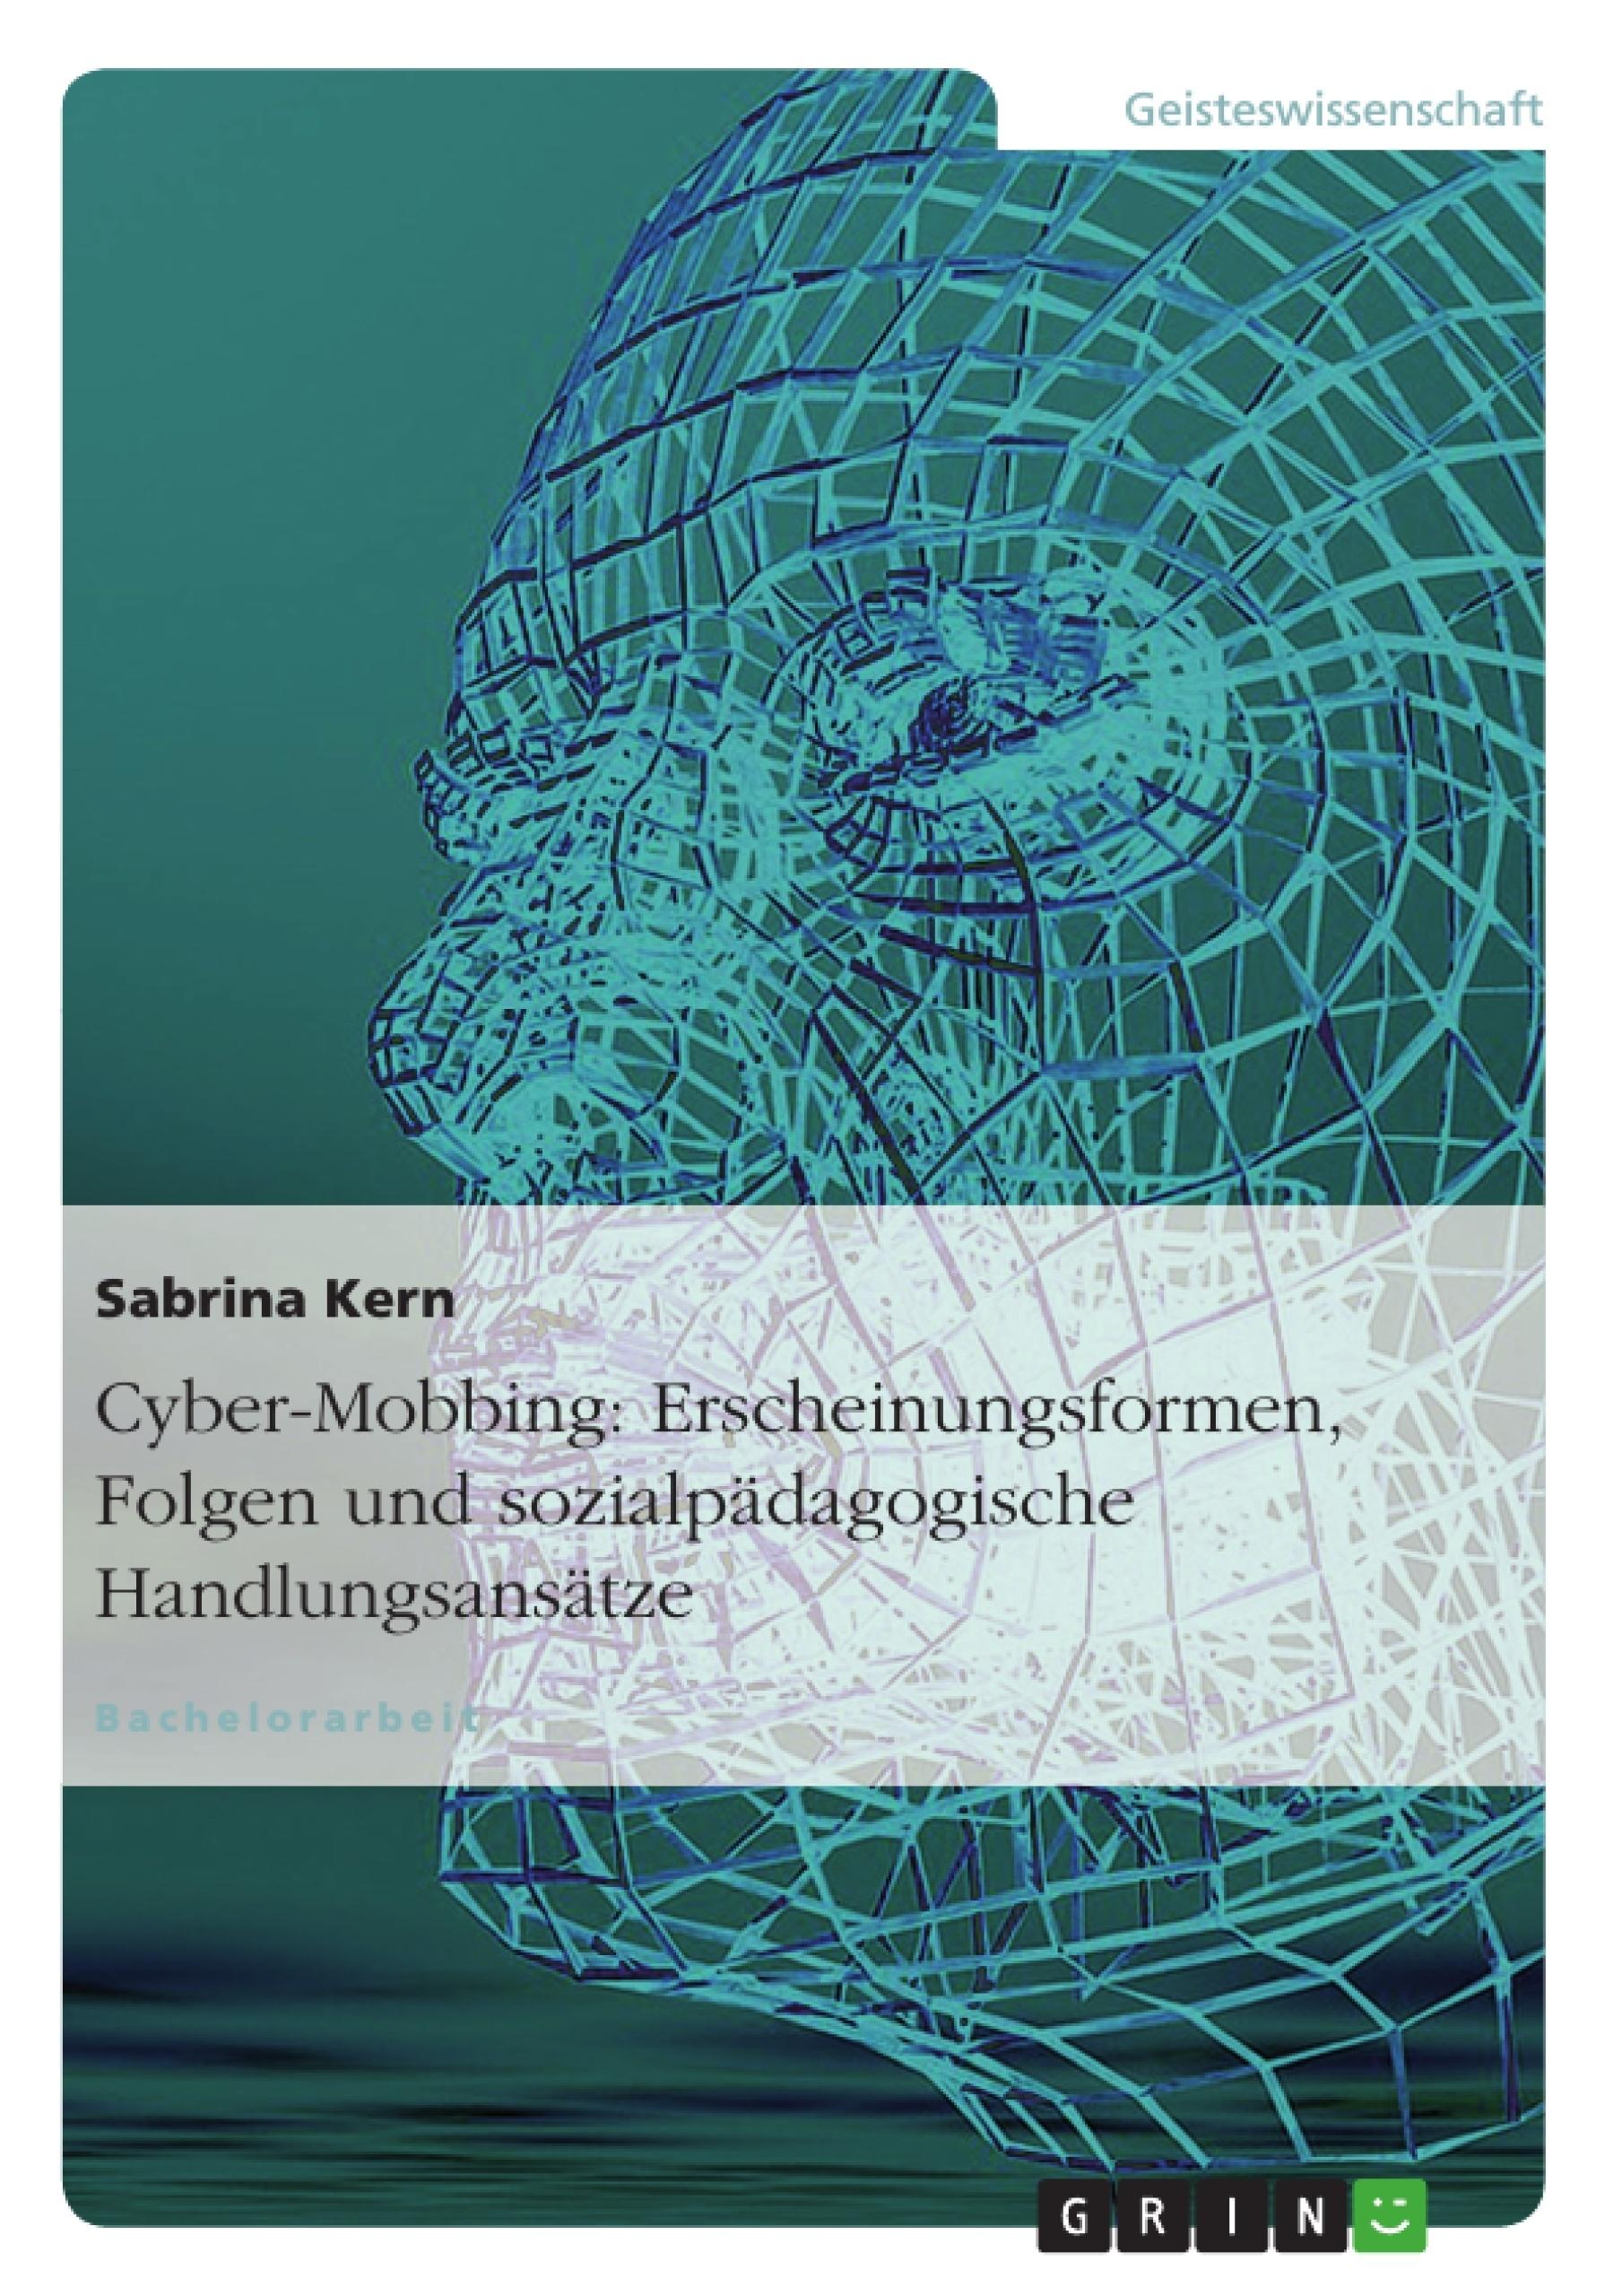 Titel: Cyber-Mobbing: Erscheinungsformen, Folgen und sozialpädagogische Handlungsansätze